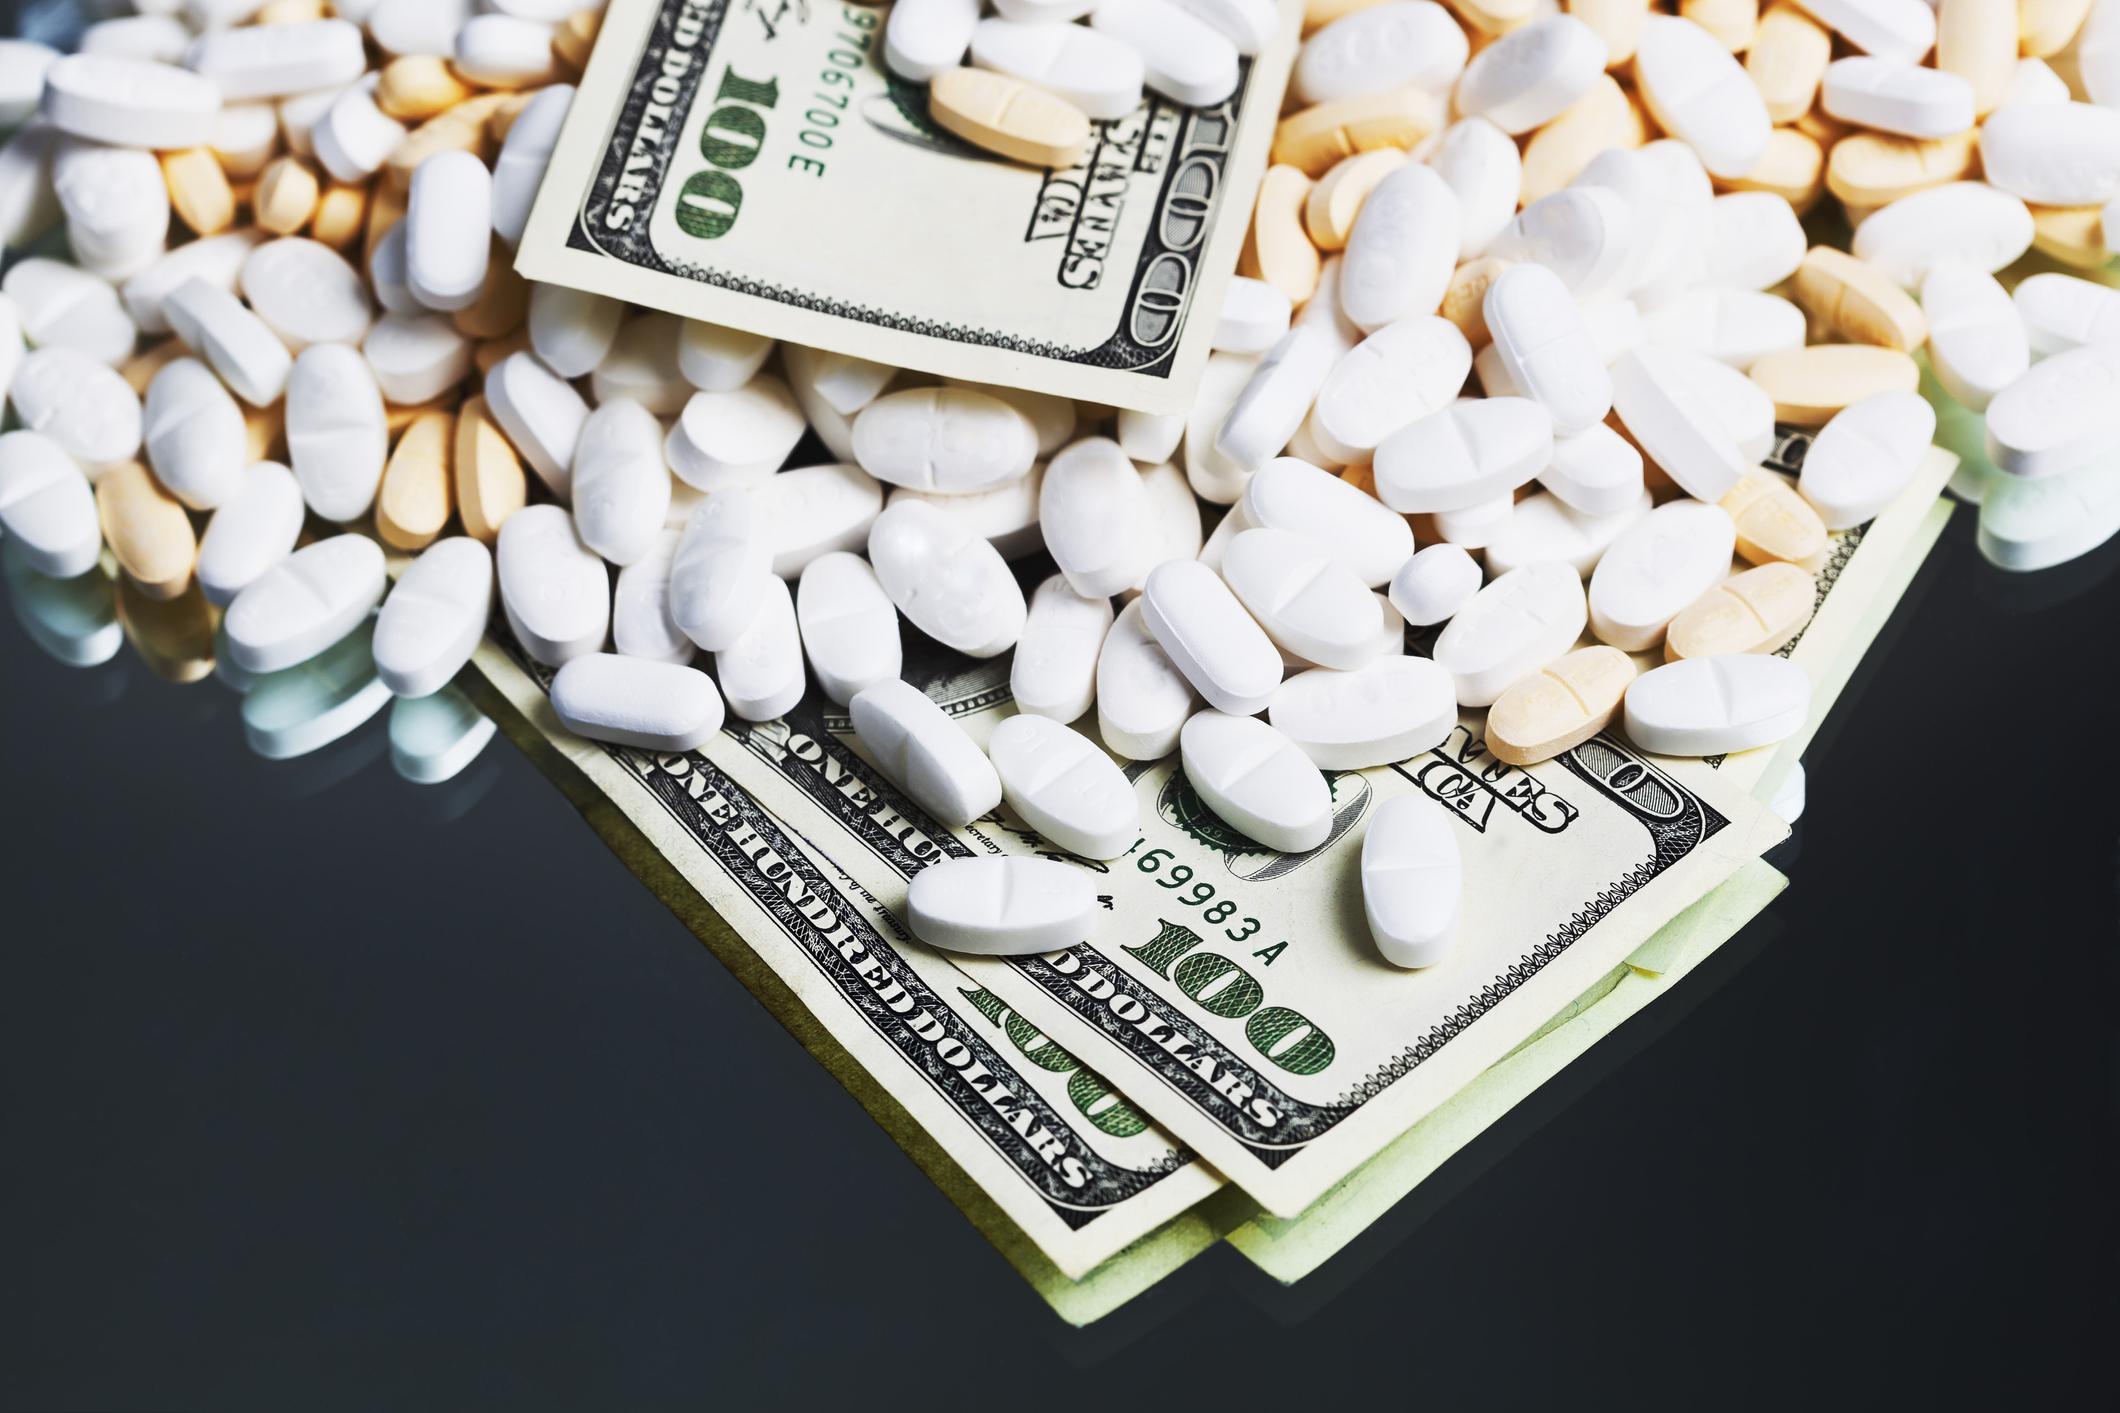 Prescription medication and one hundred dollar bills